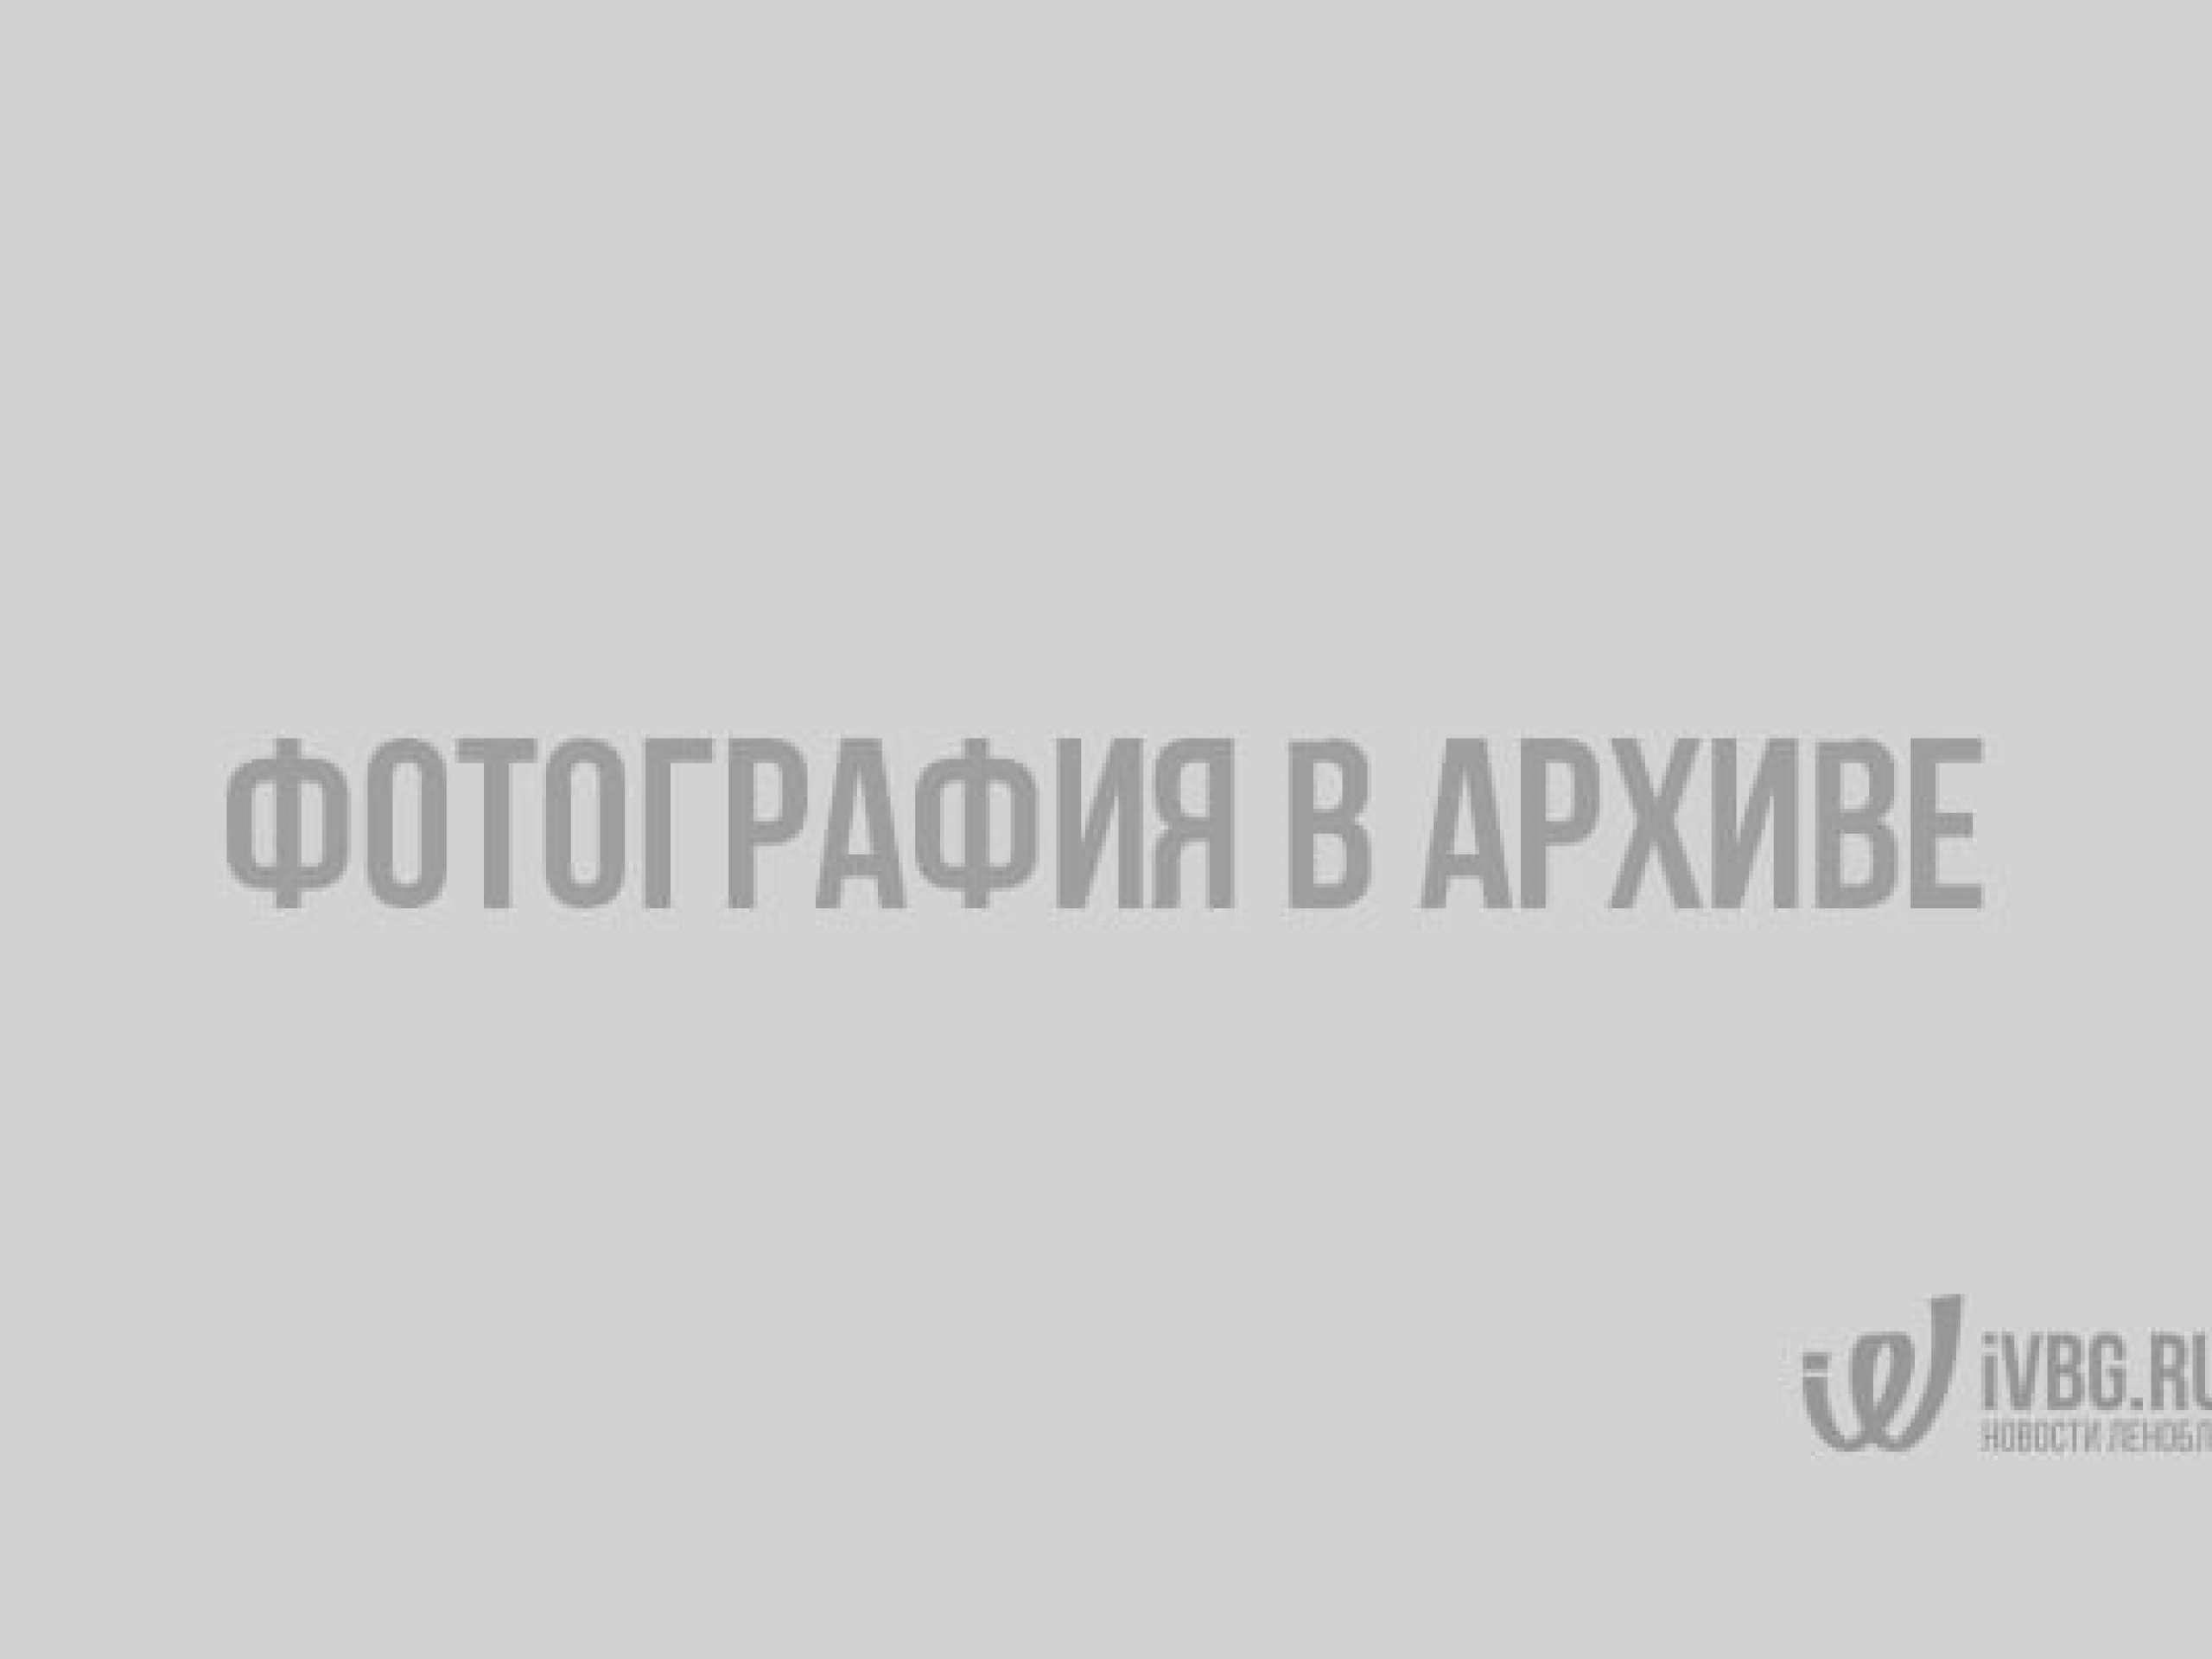 В Пулково в самолете бизнес-авиации обнаружили 45 литров незаконного алкоголя - фото таможня, пулково, незадекларированный товар, Алкоголь в Ленобласти